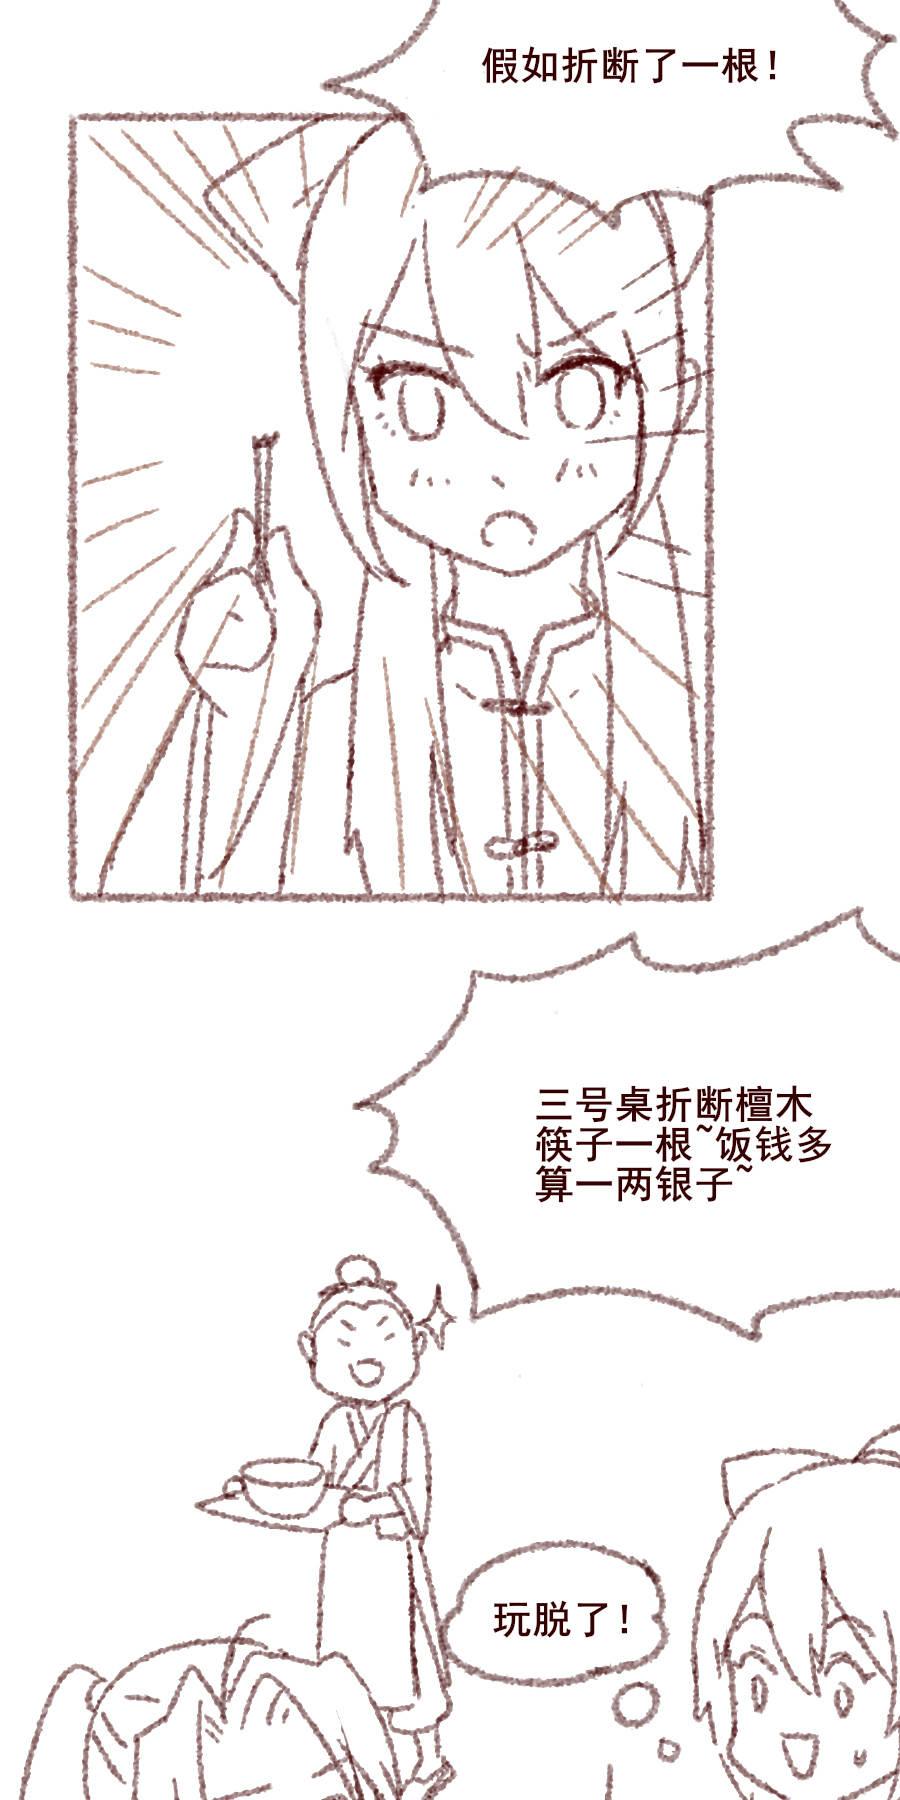 盛世帝王妃第27话  吃蟹蟹  + 时尚教主活动 第 30